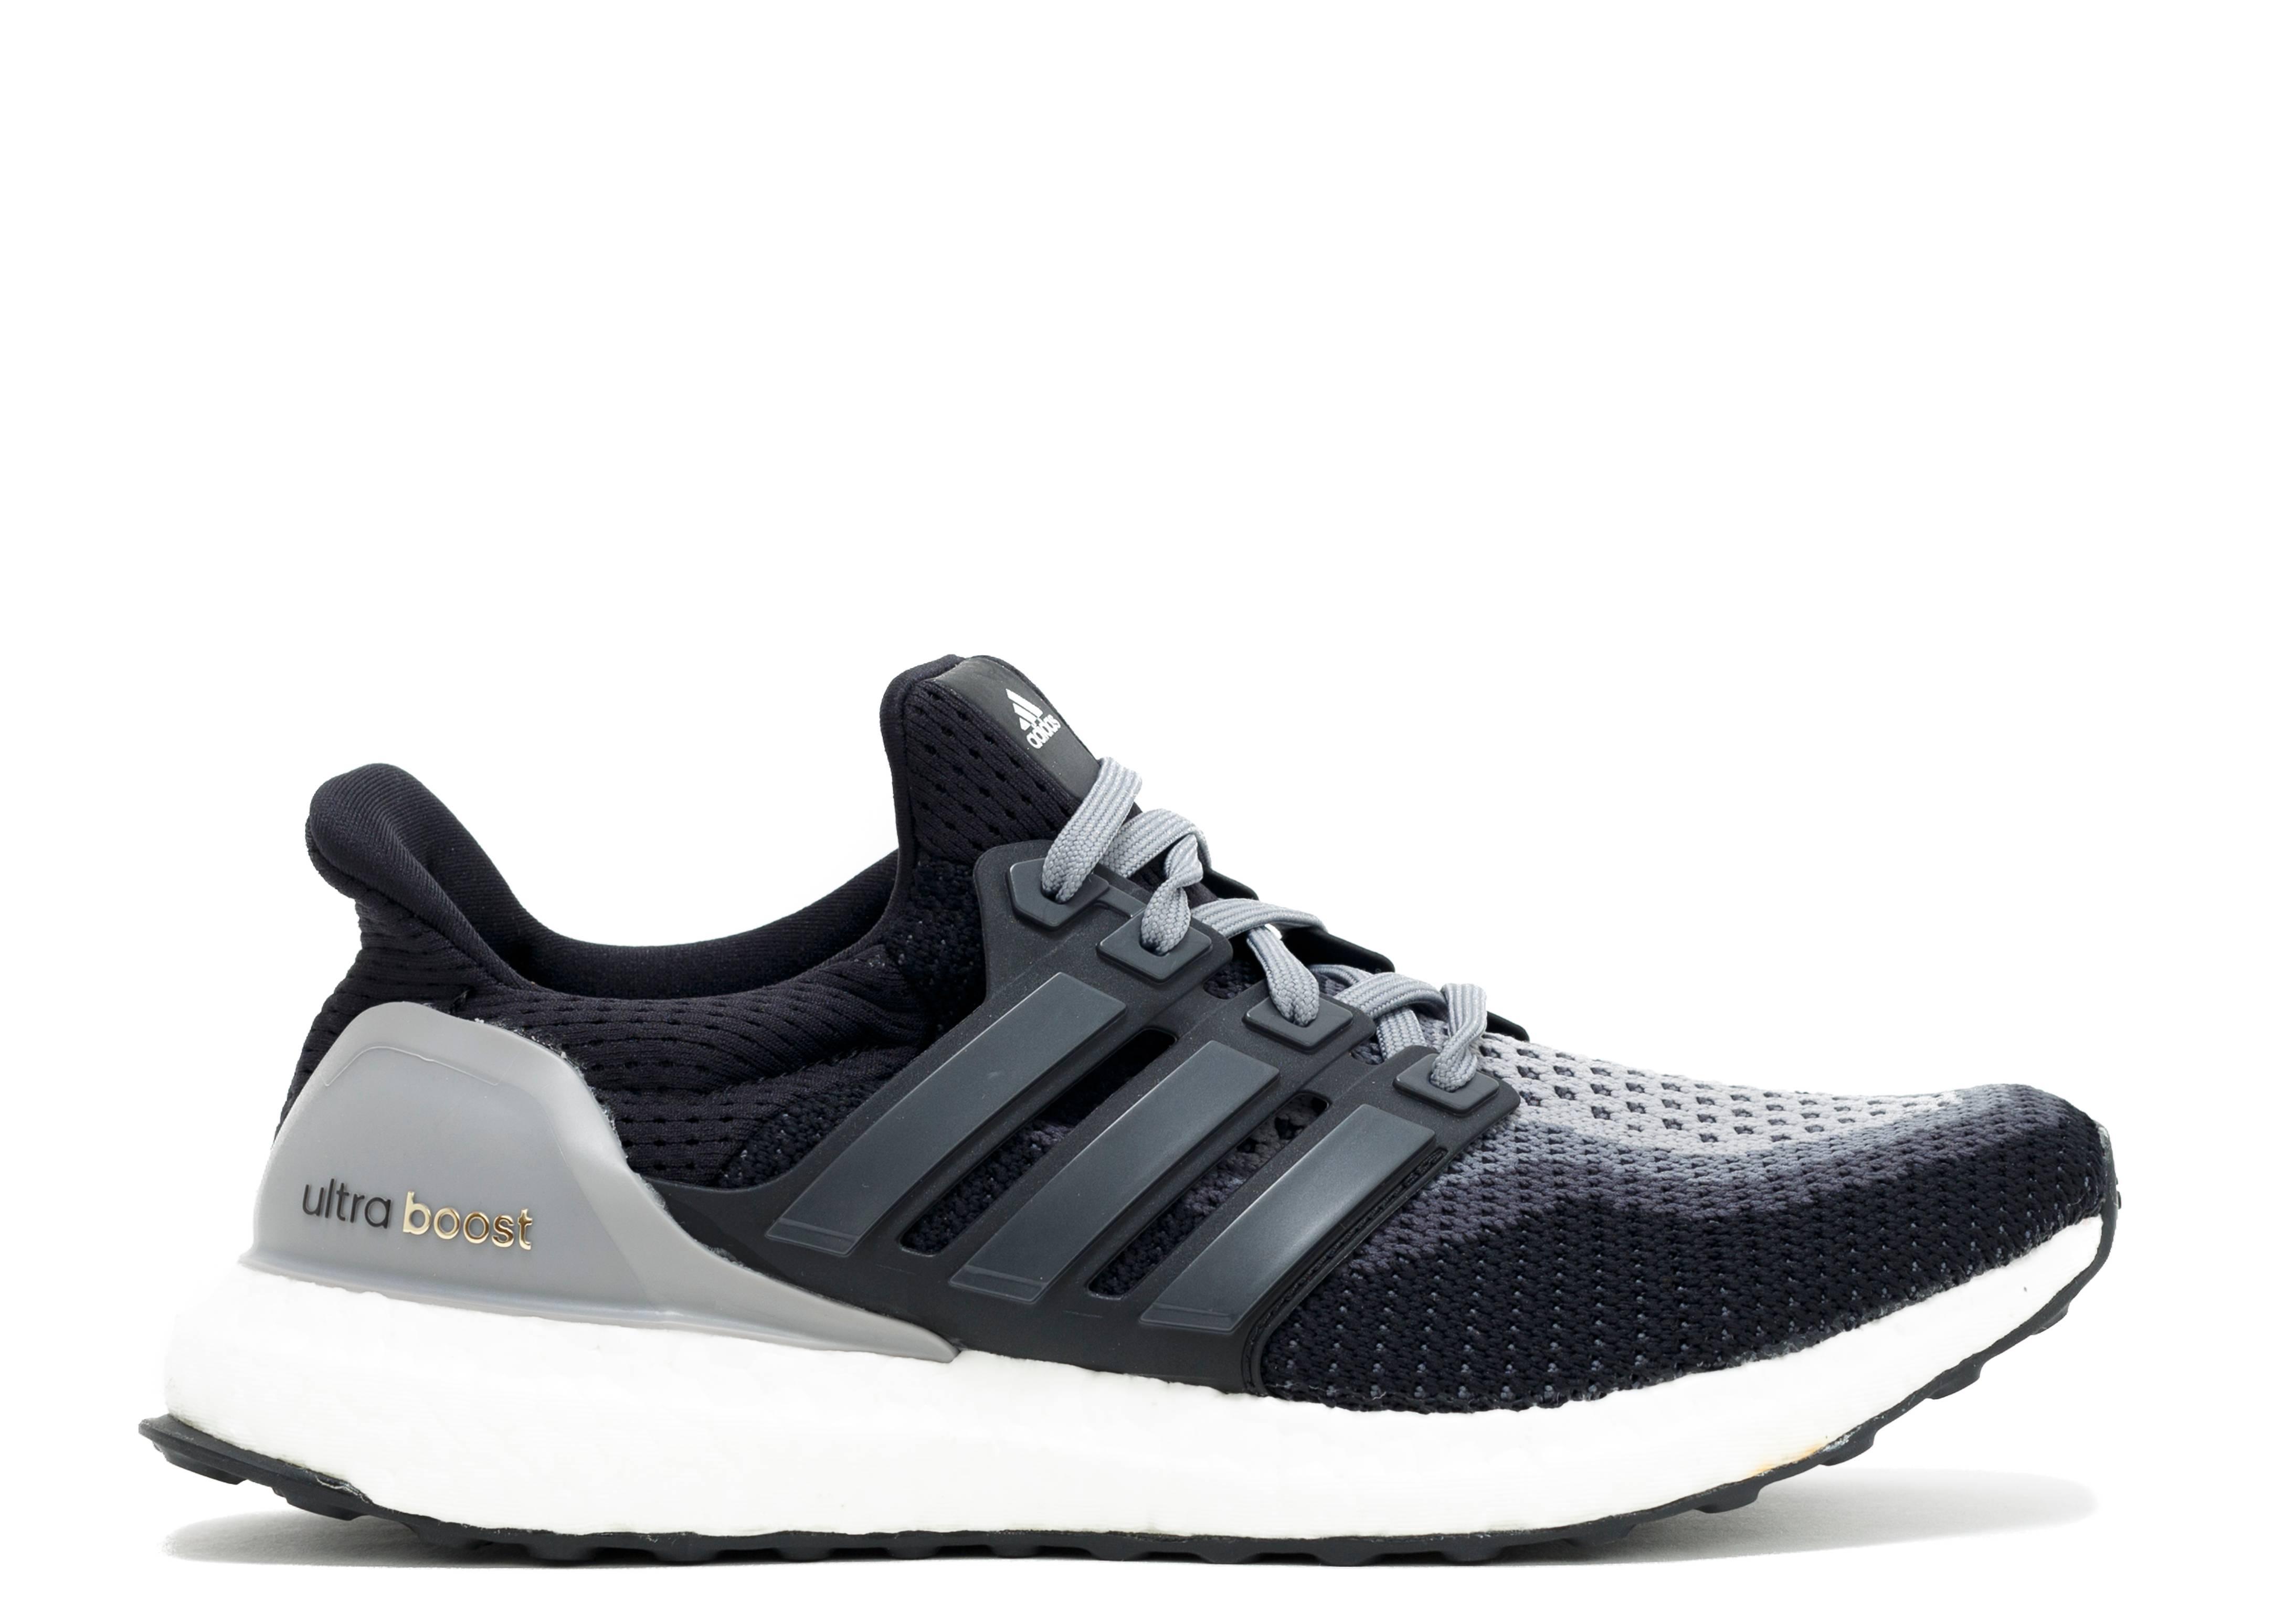 51753e68a05aa Adidas Ultra Boost - 3.0